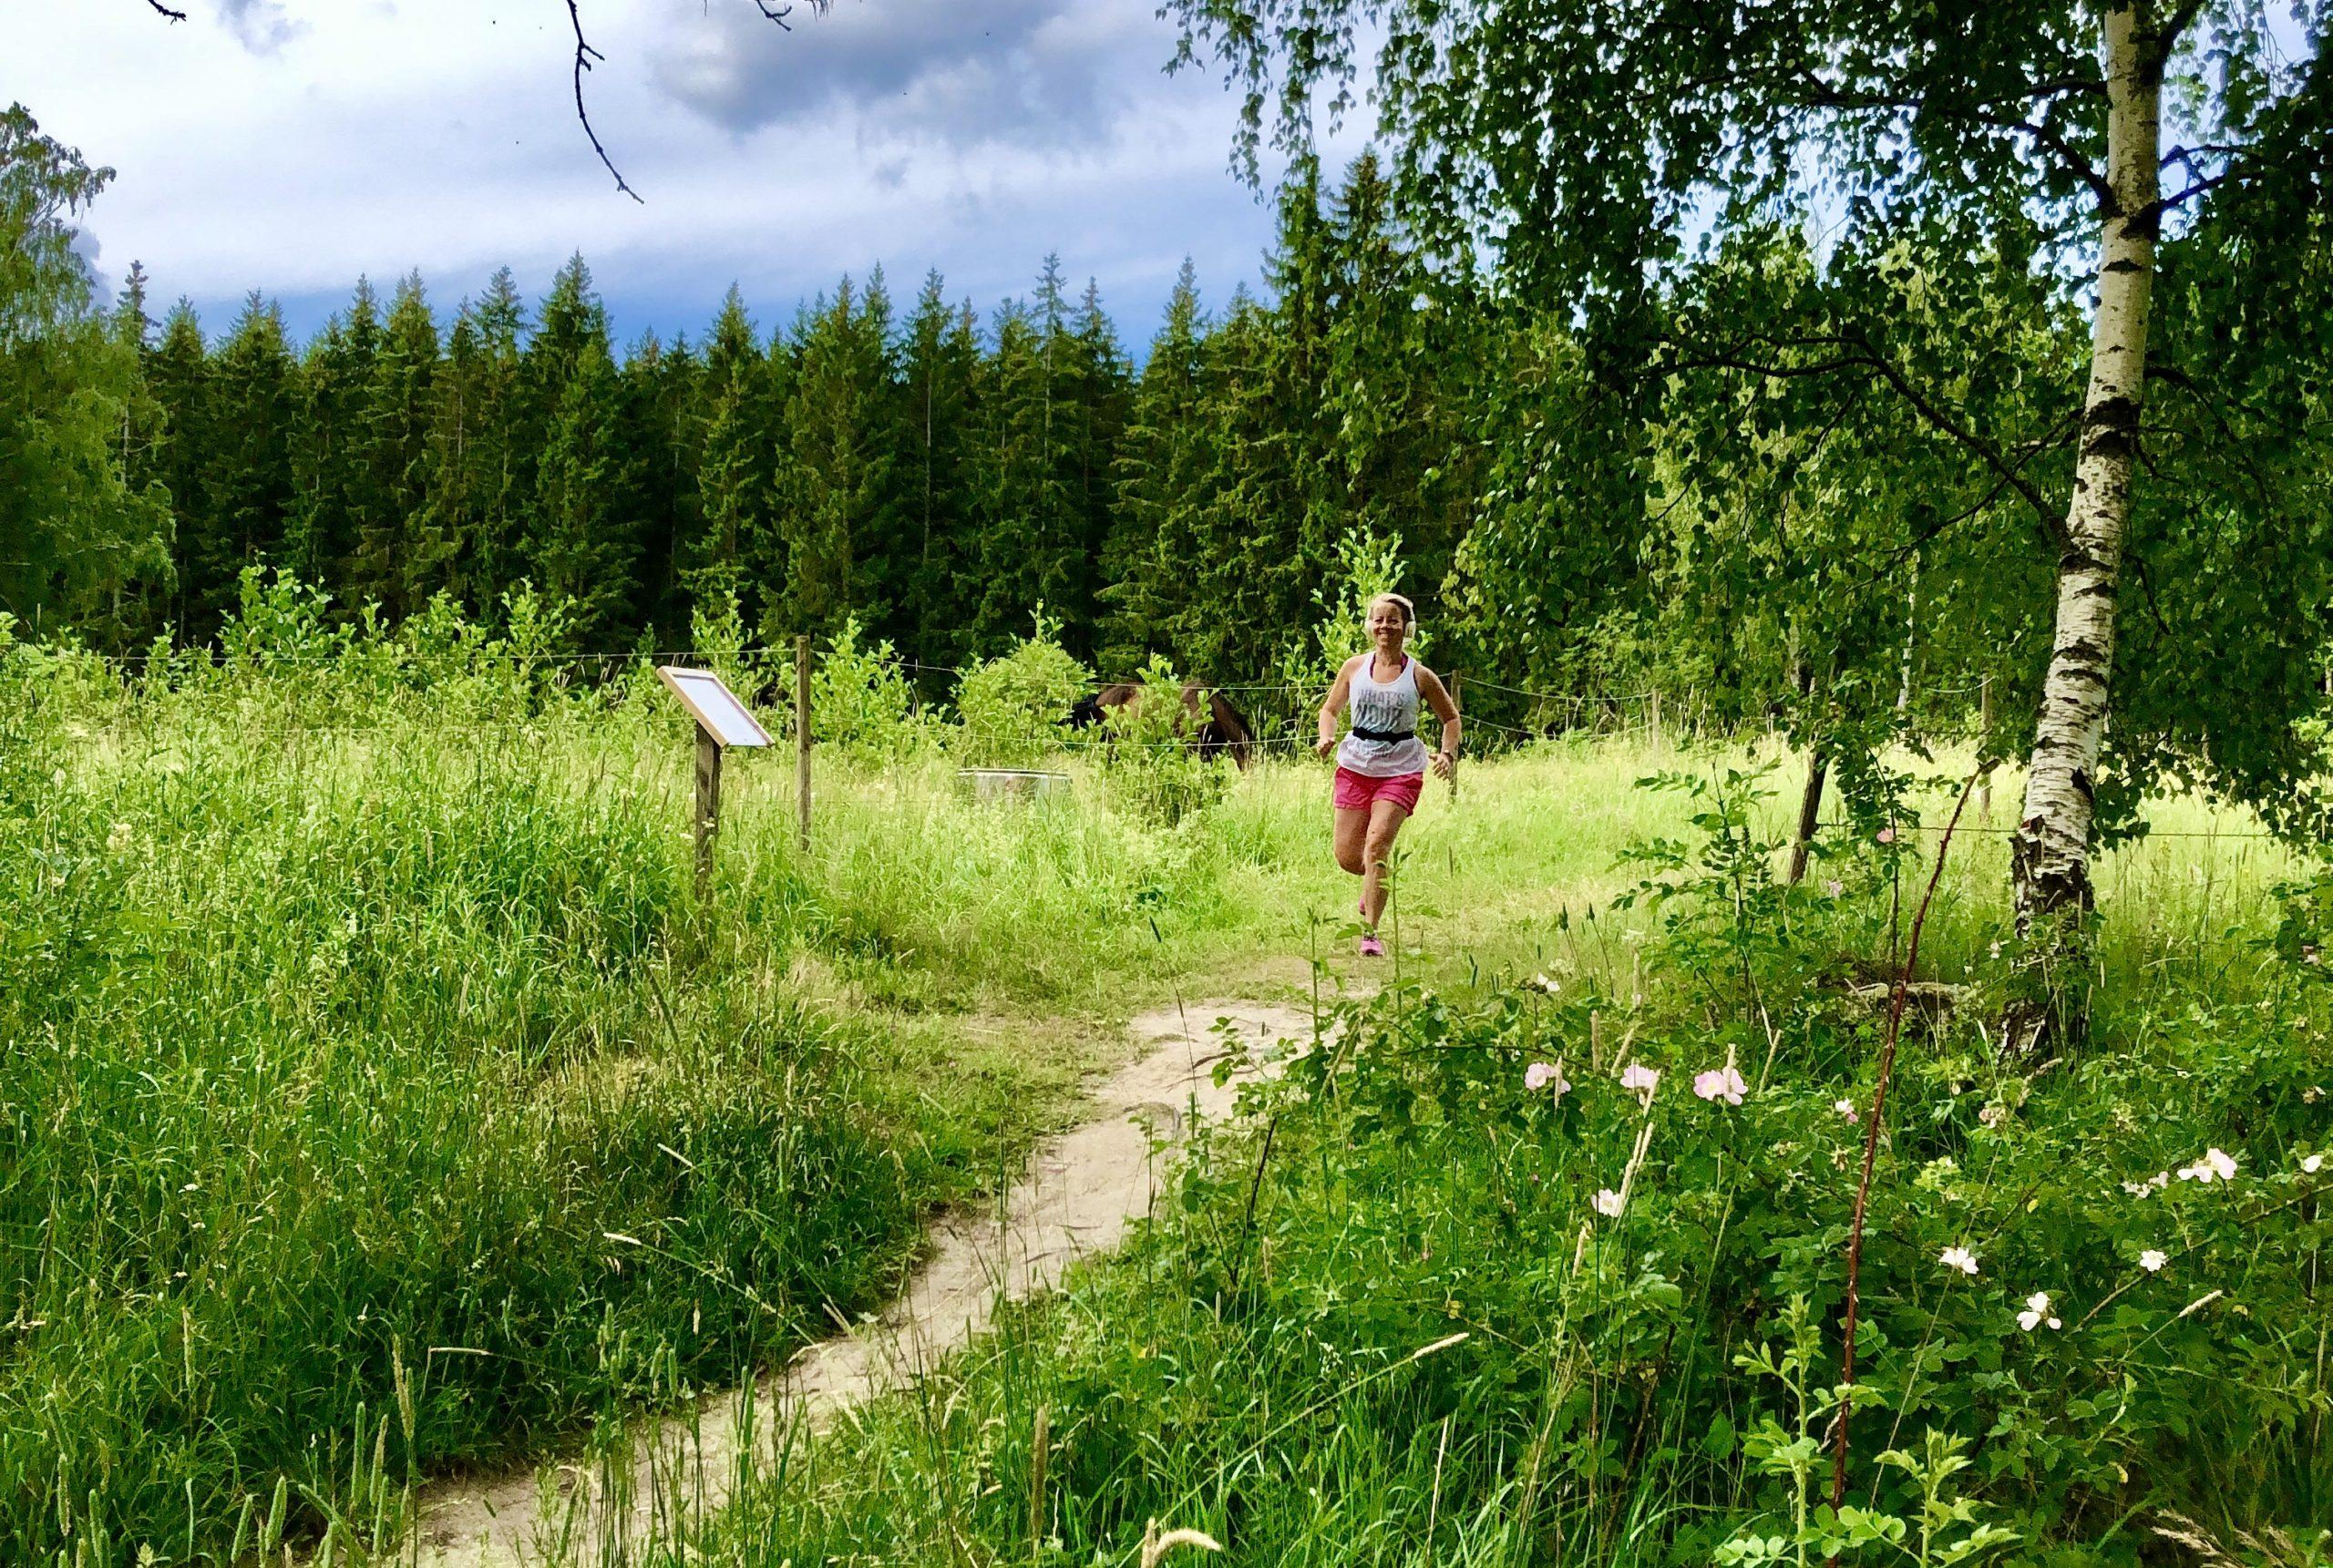 Löpning - Spring så snackar vi